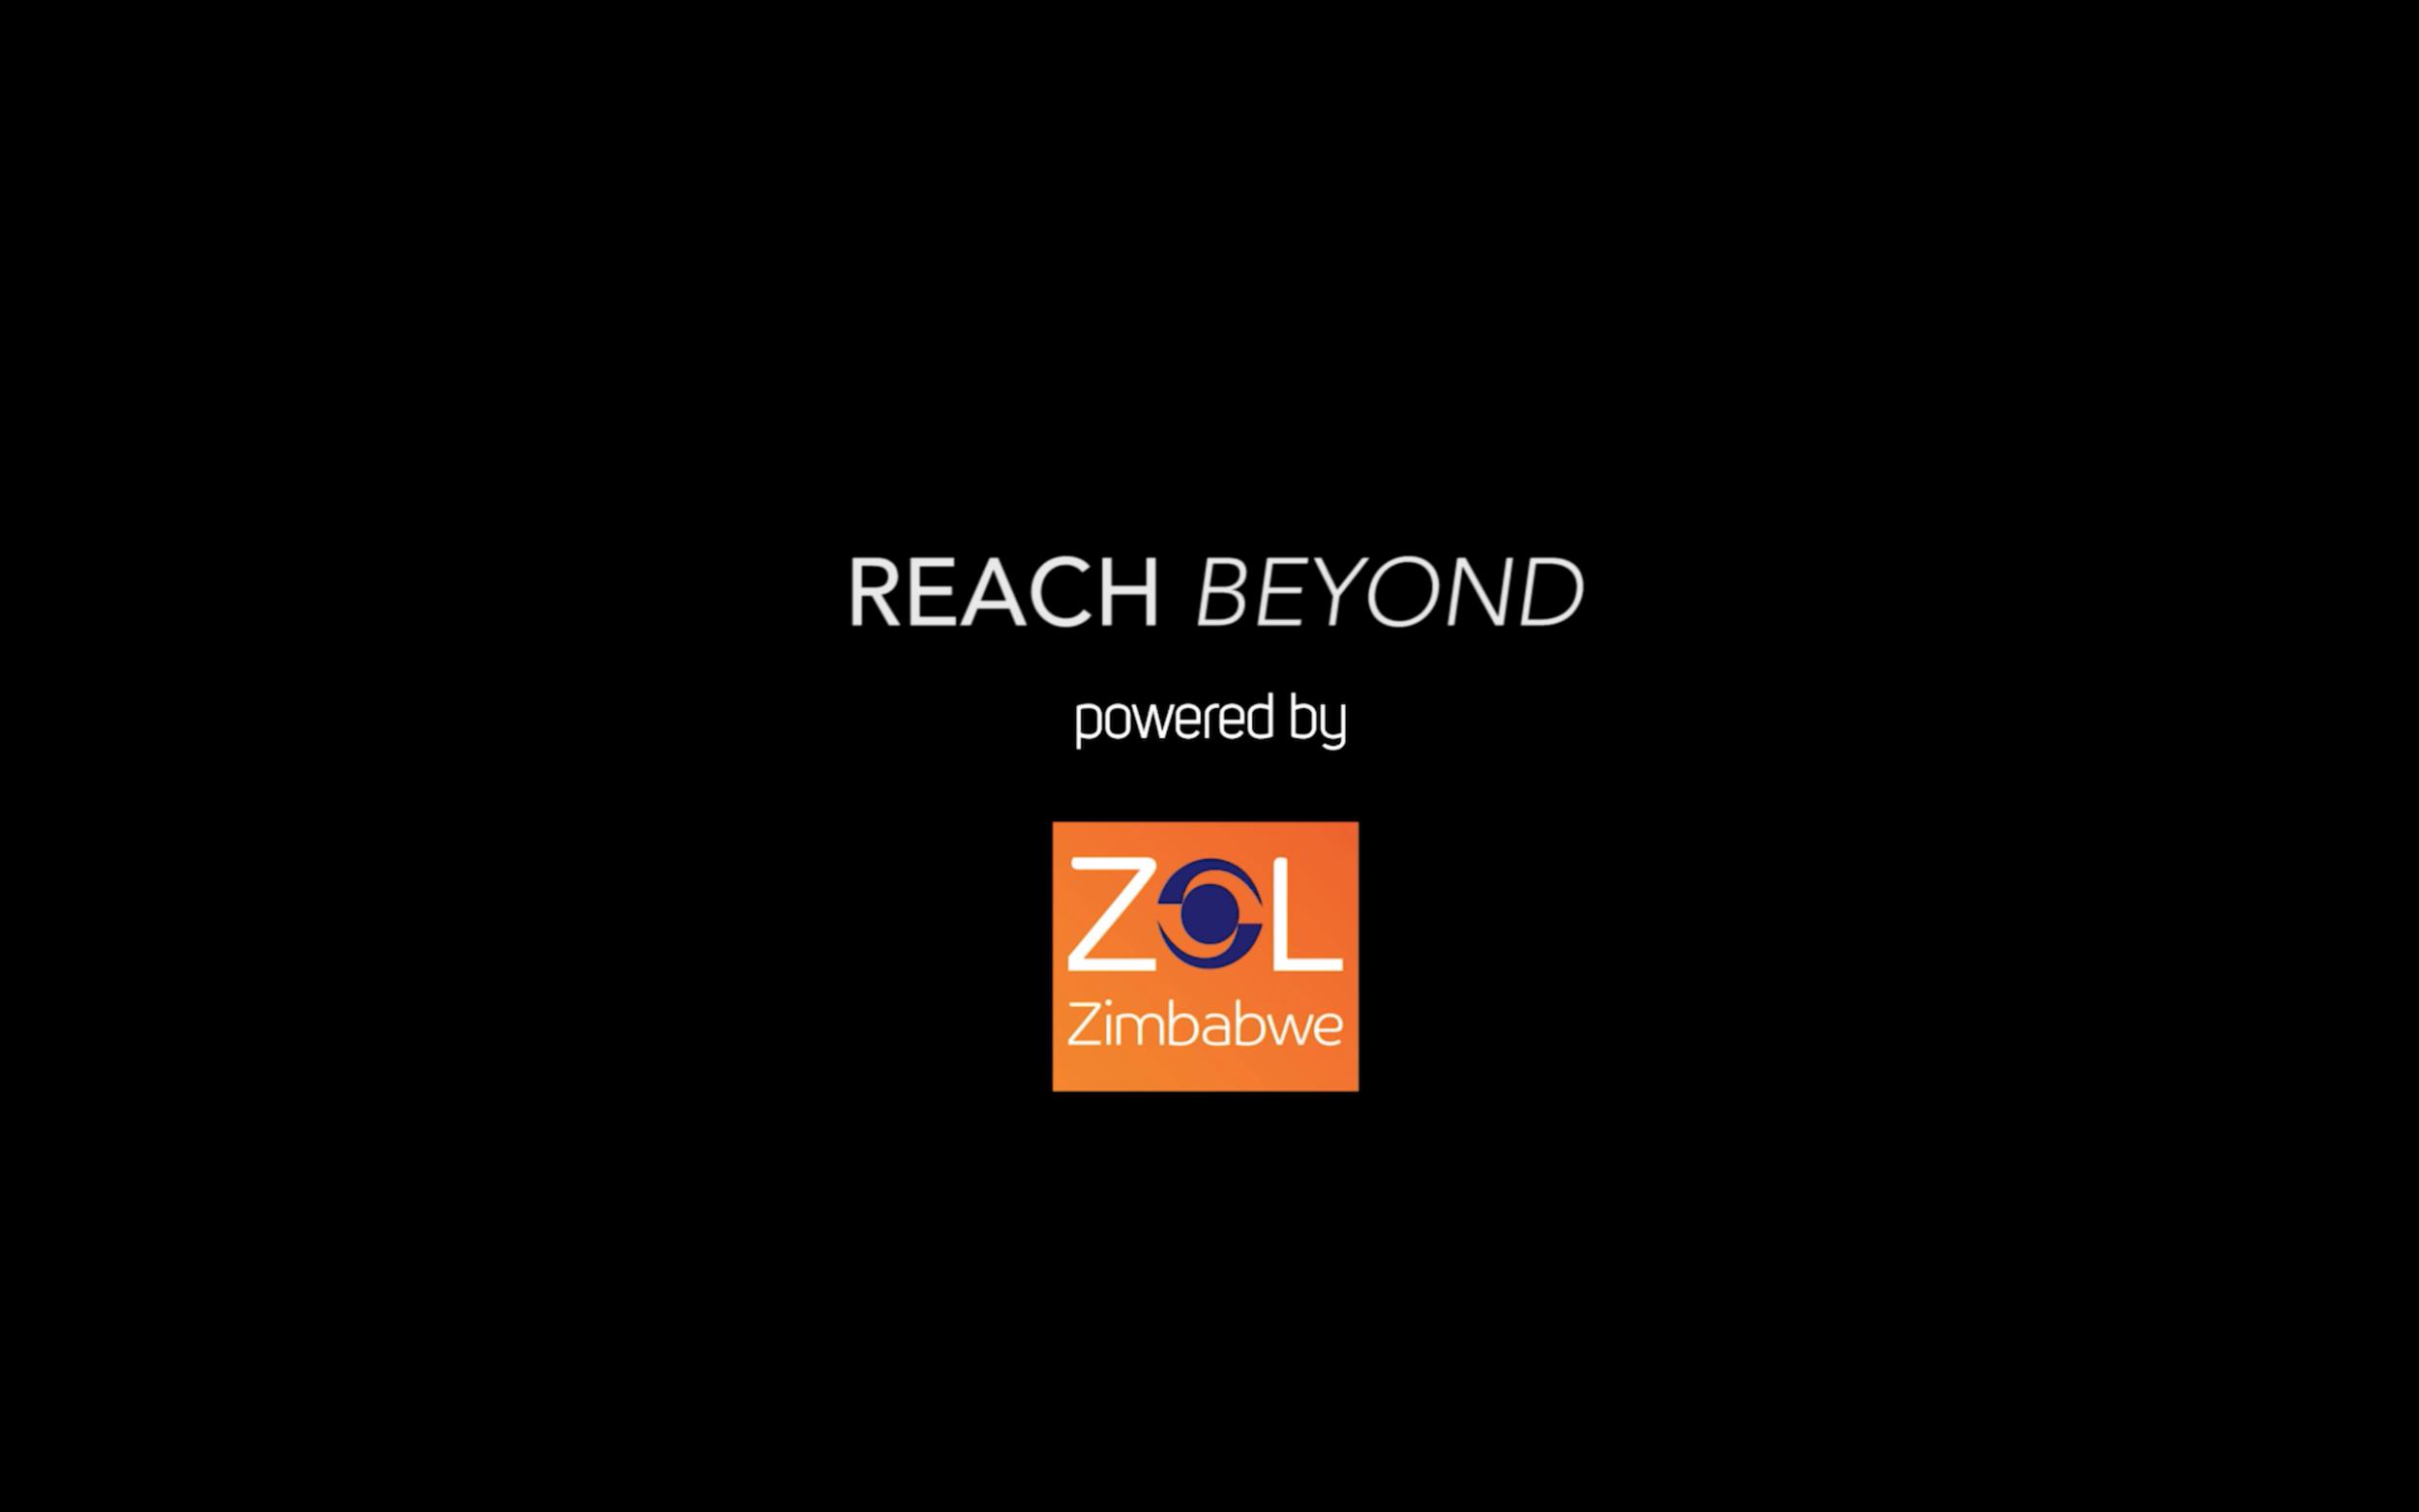 REACH BEYOND SERIES